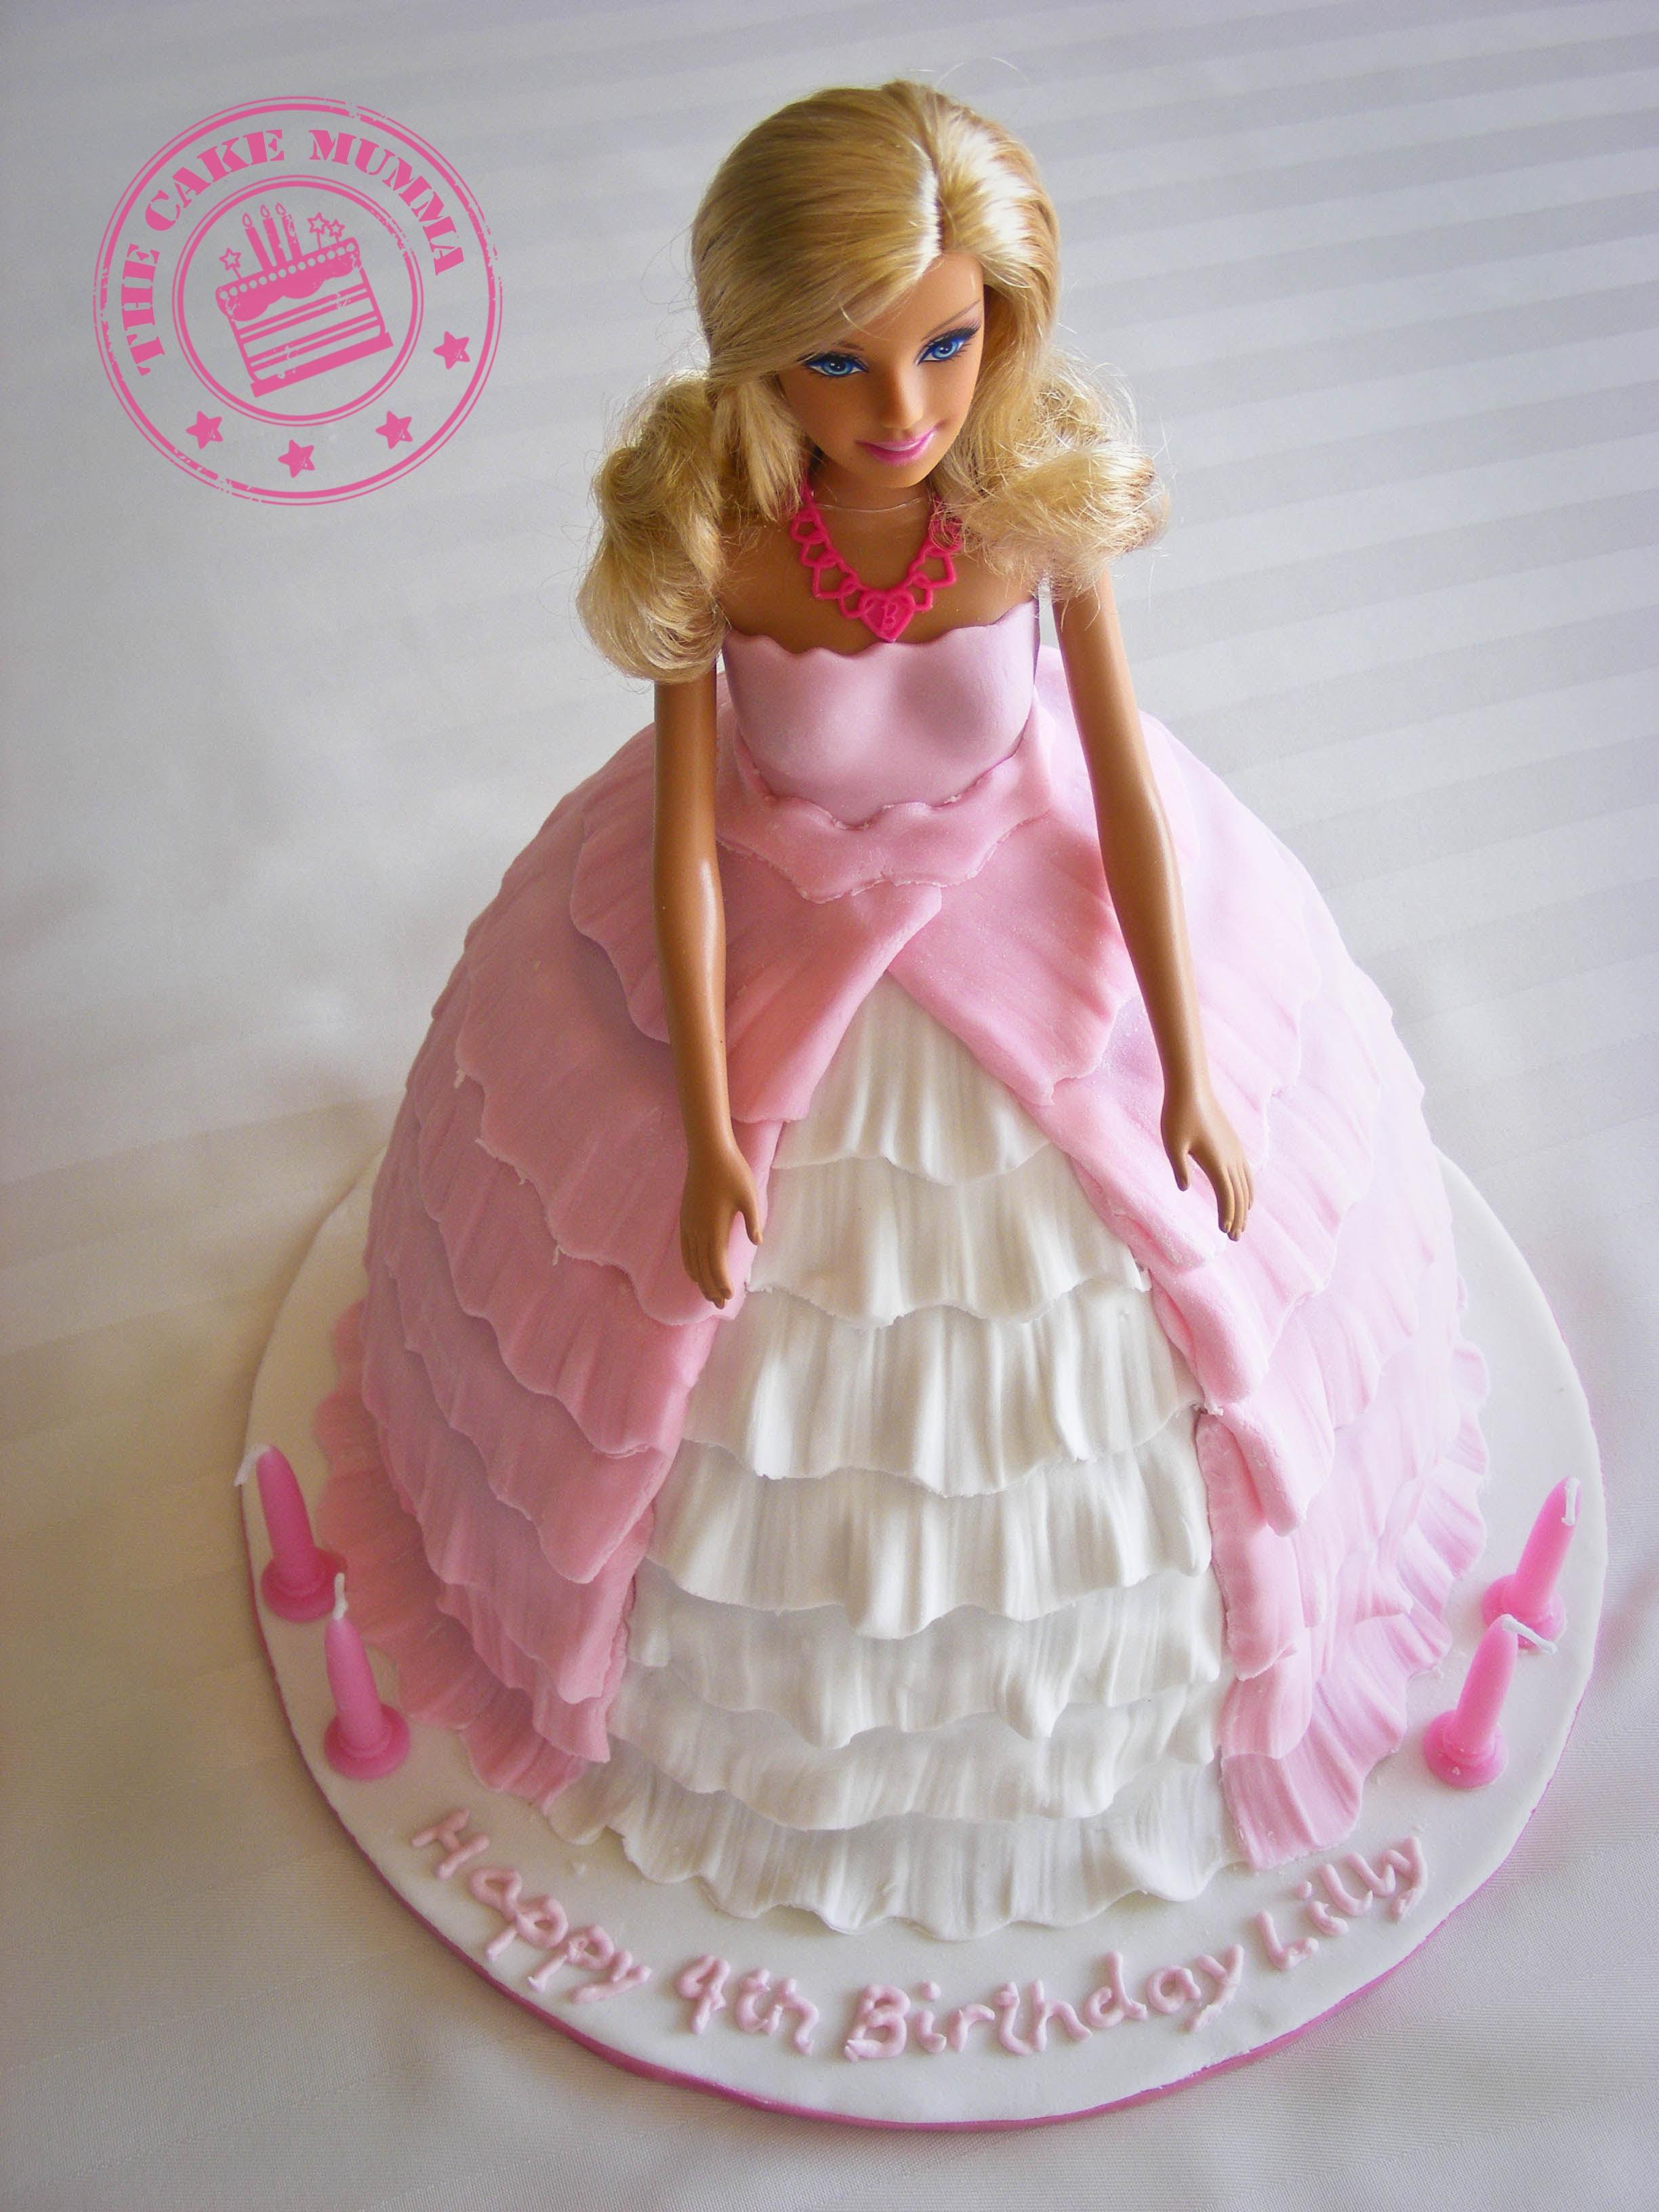 Barbie Chocolate Cake Images : Barbie Cake - CakeCentral.com